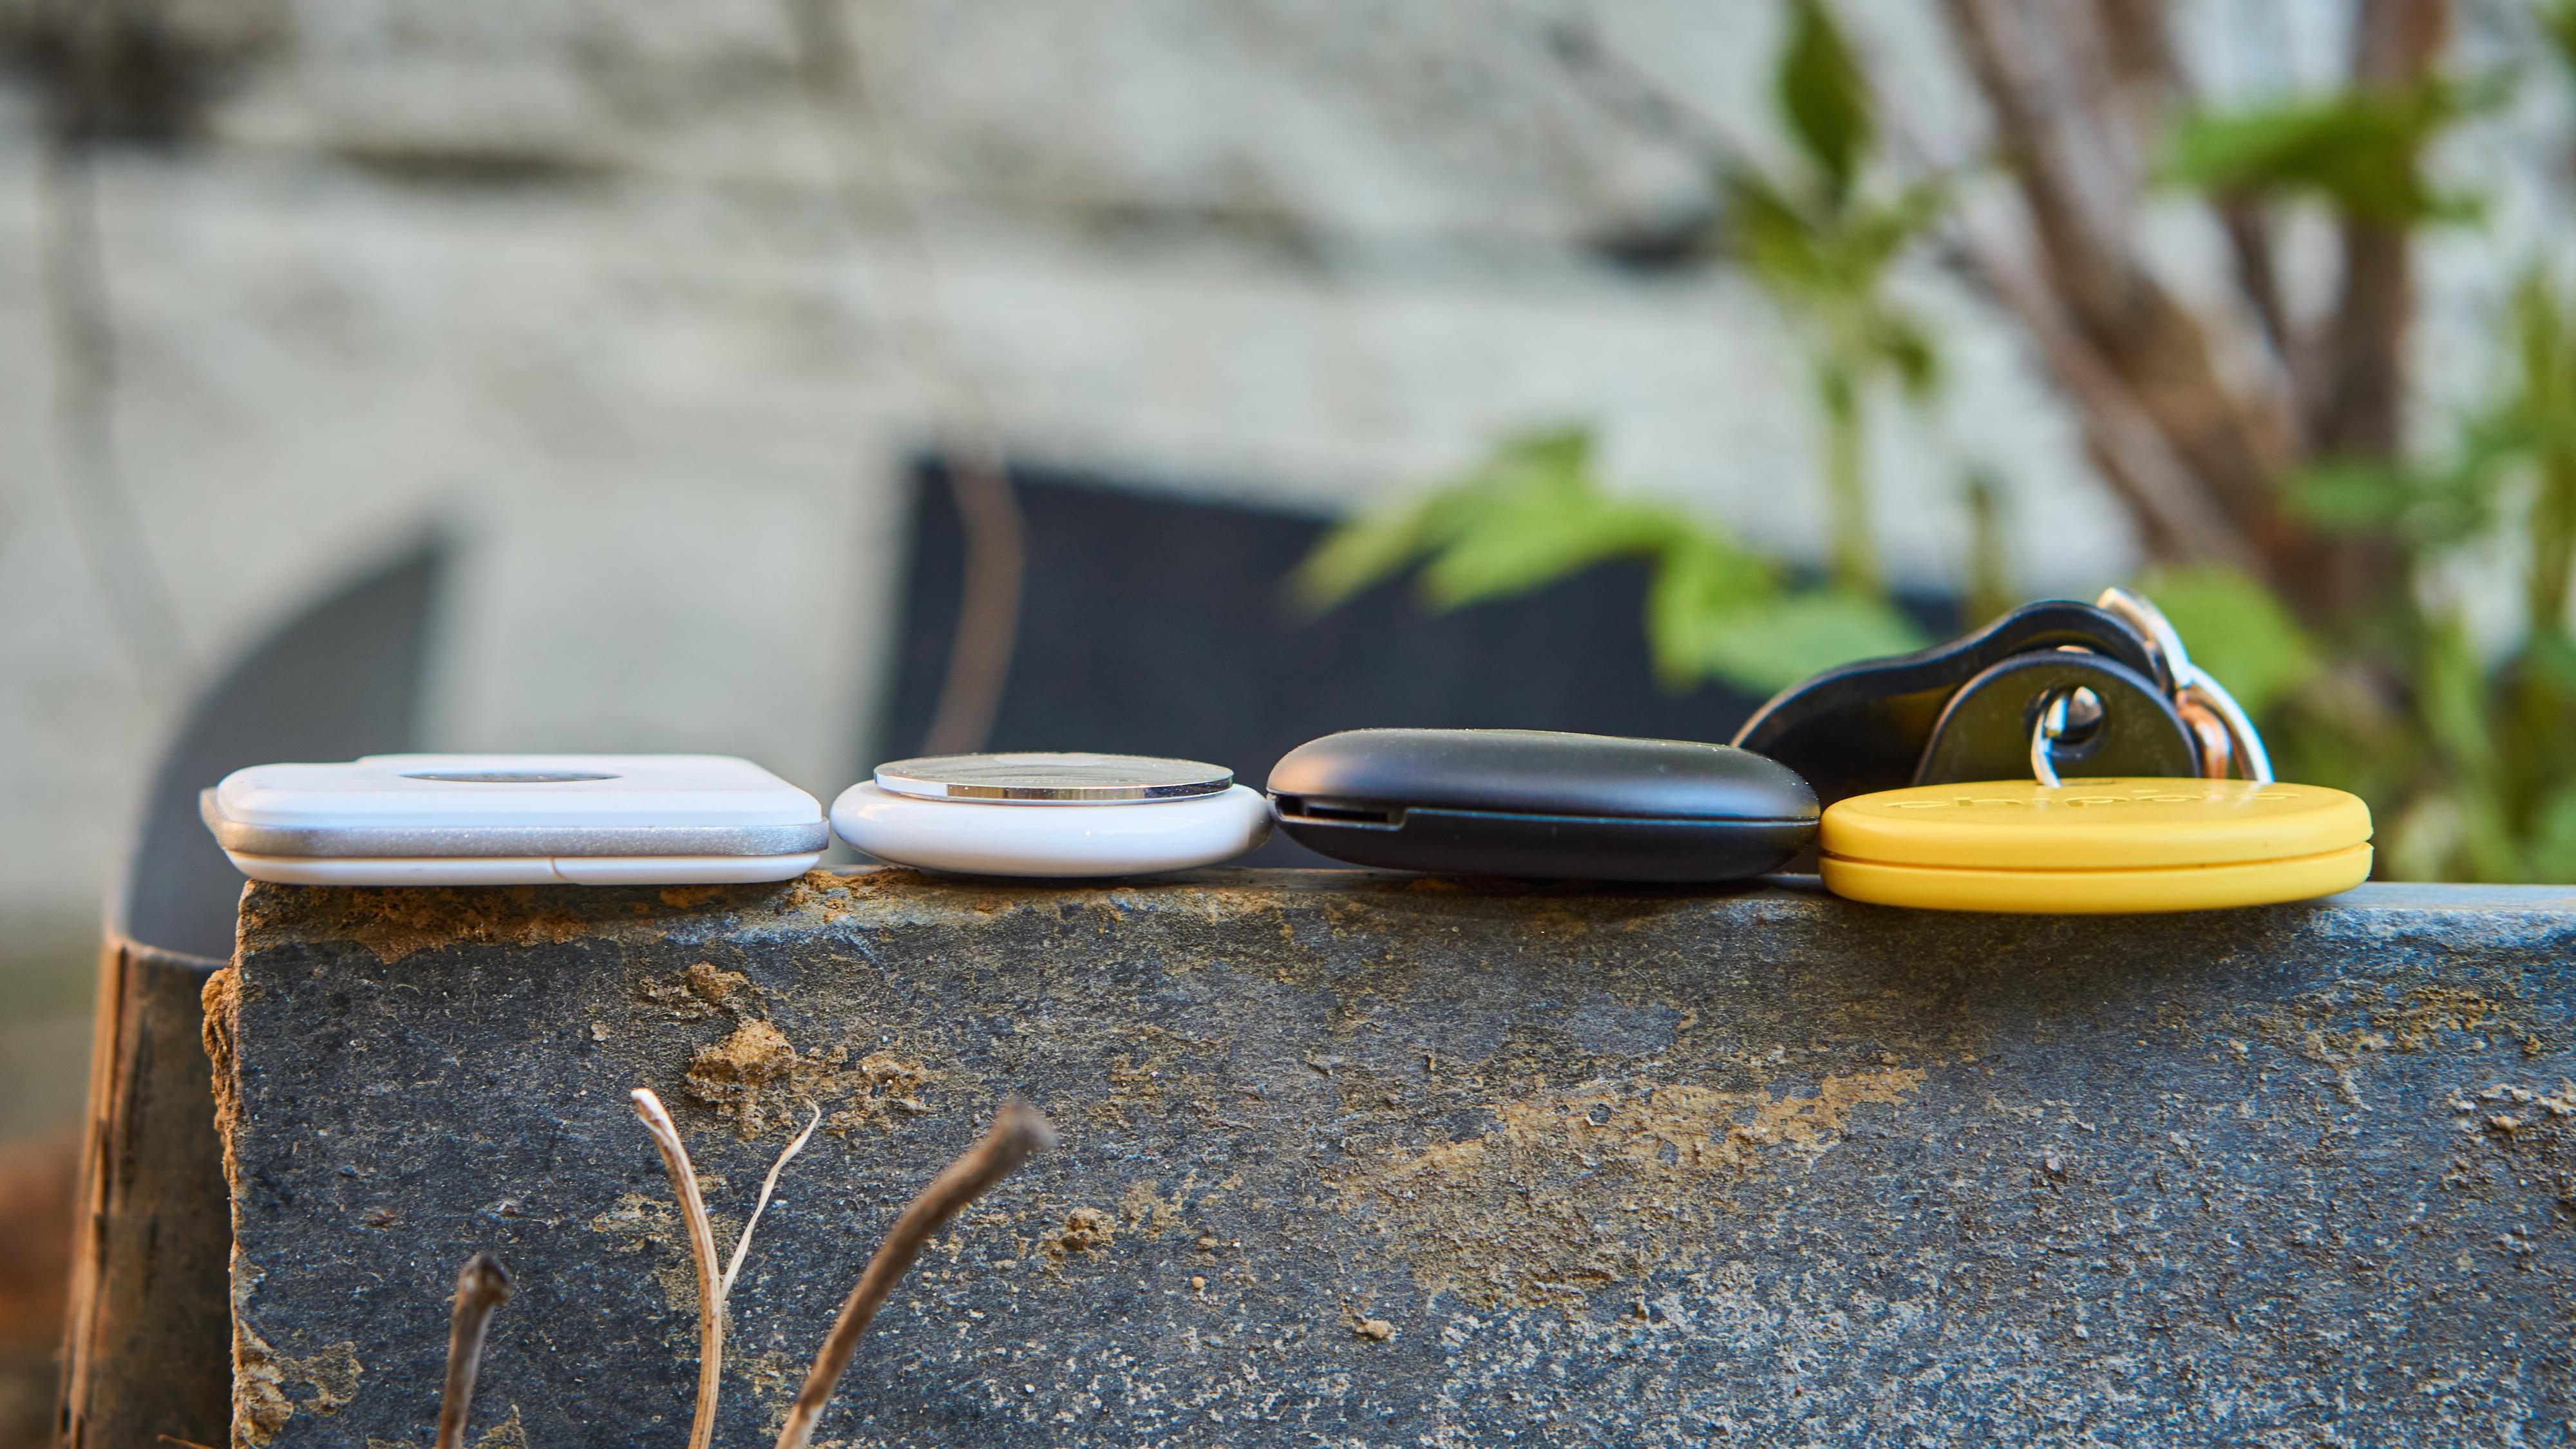 Uten noen holder har AirTag et beskjedent fotavtrykk. Fra venstre: Tile Pro (2020), AirTag, Galaxy SmartTag og Chipolo One.